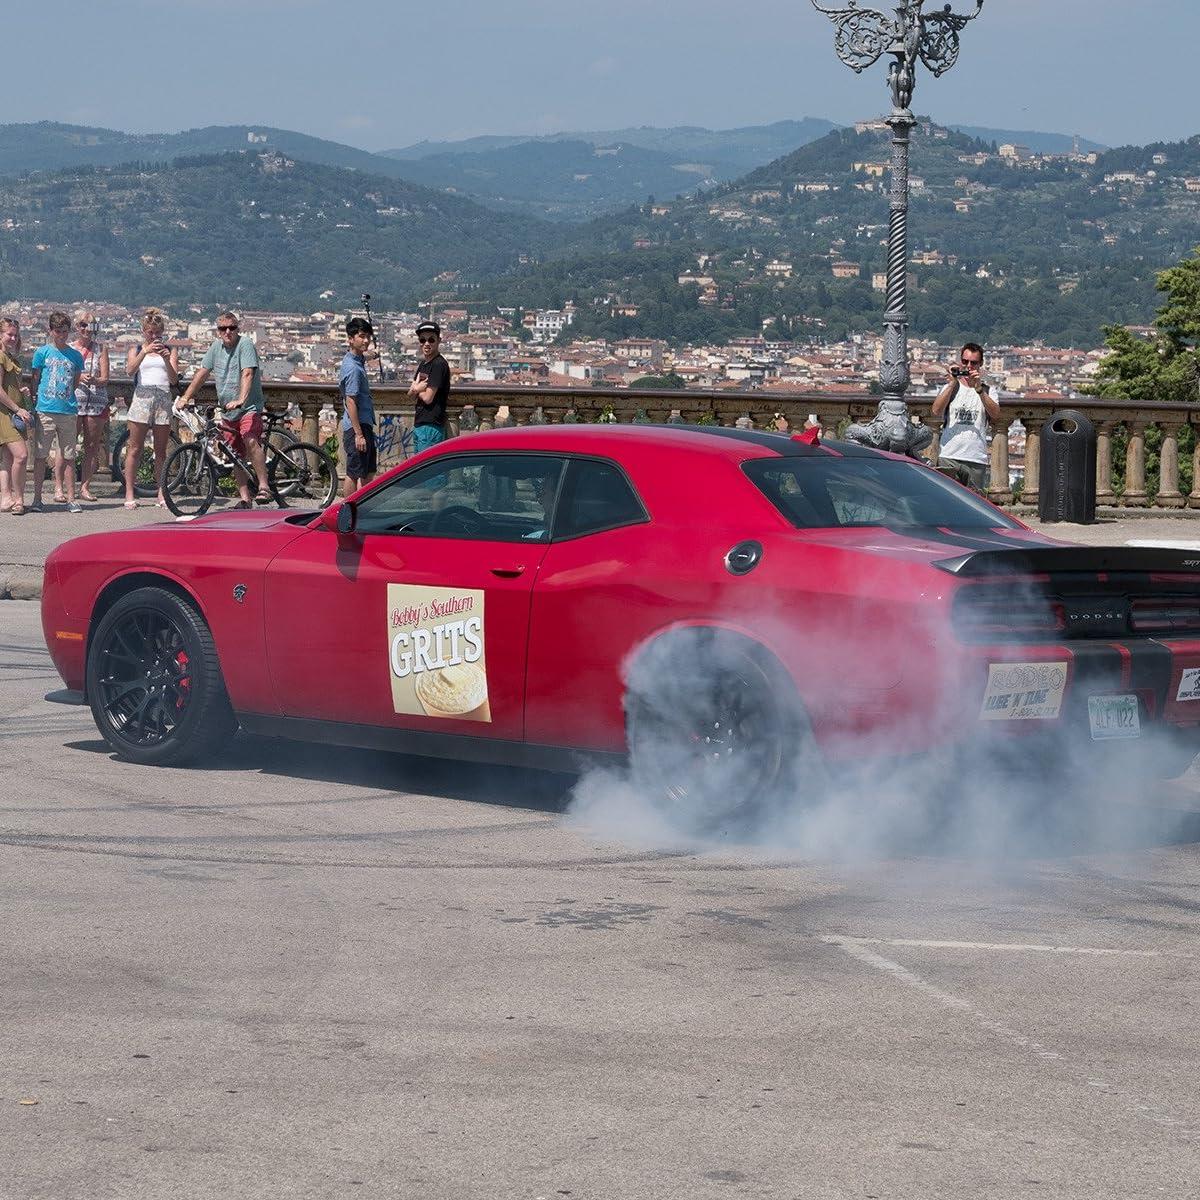 自動車 Ipad壁紙 欧州車vsアメ車 イタリアの旅 その他 スマホ用画像